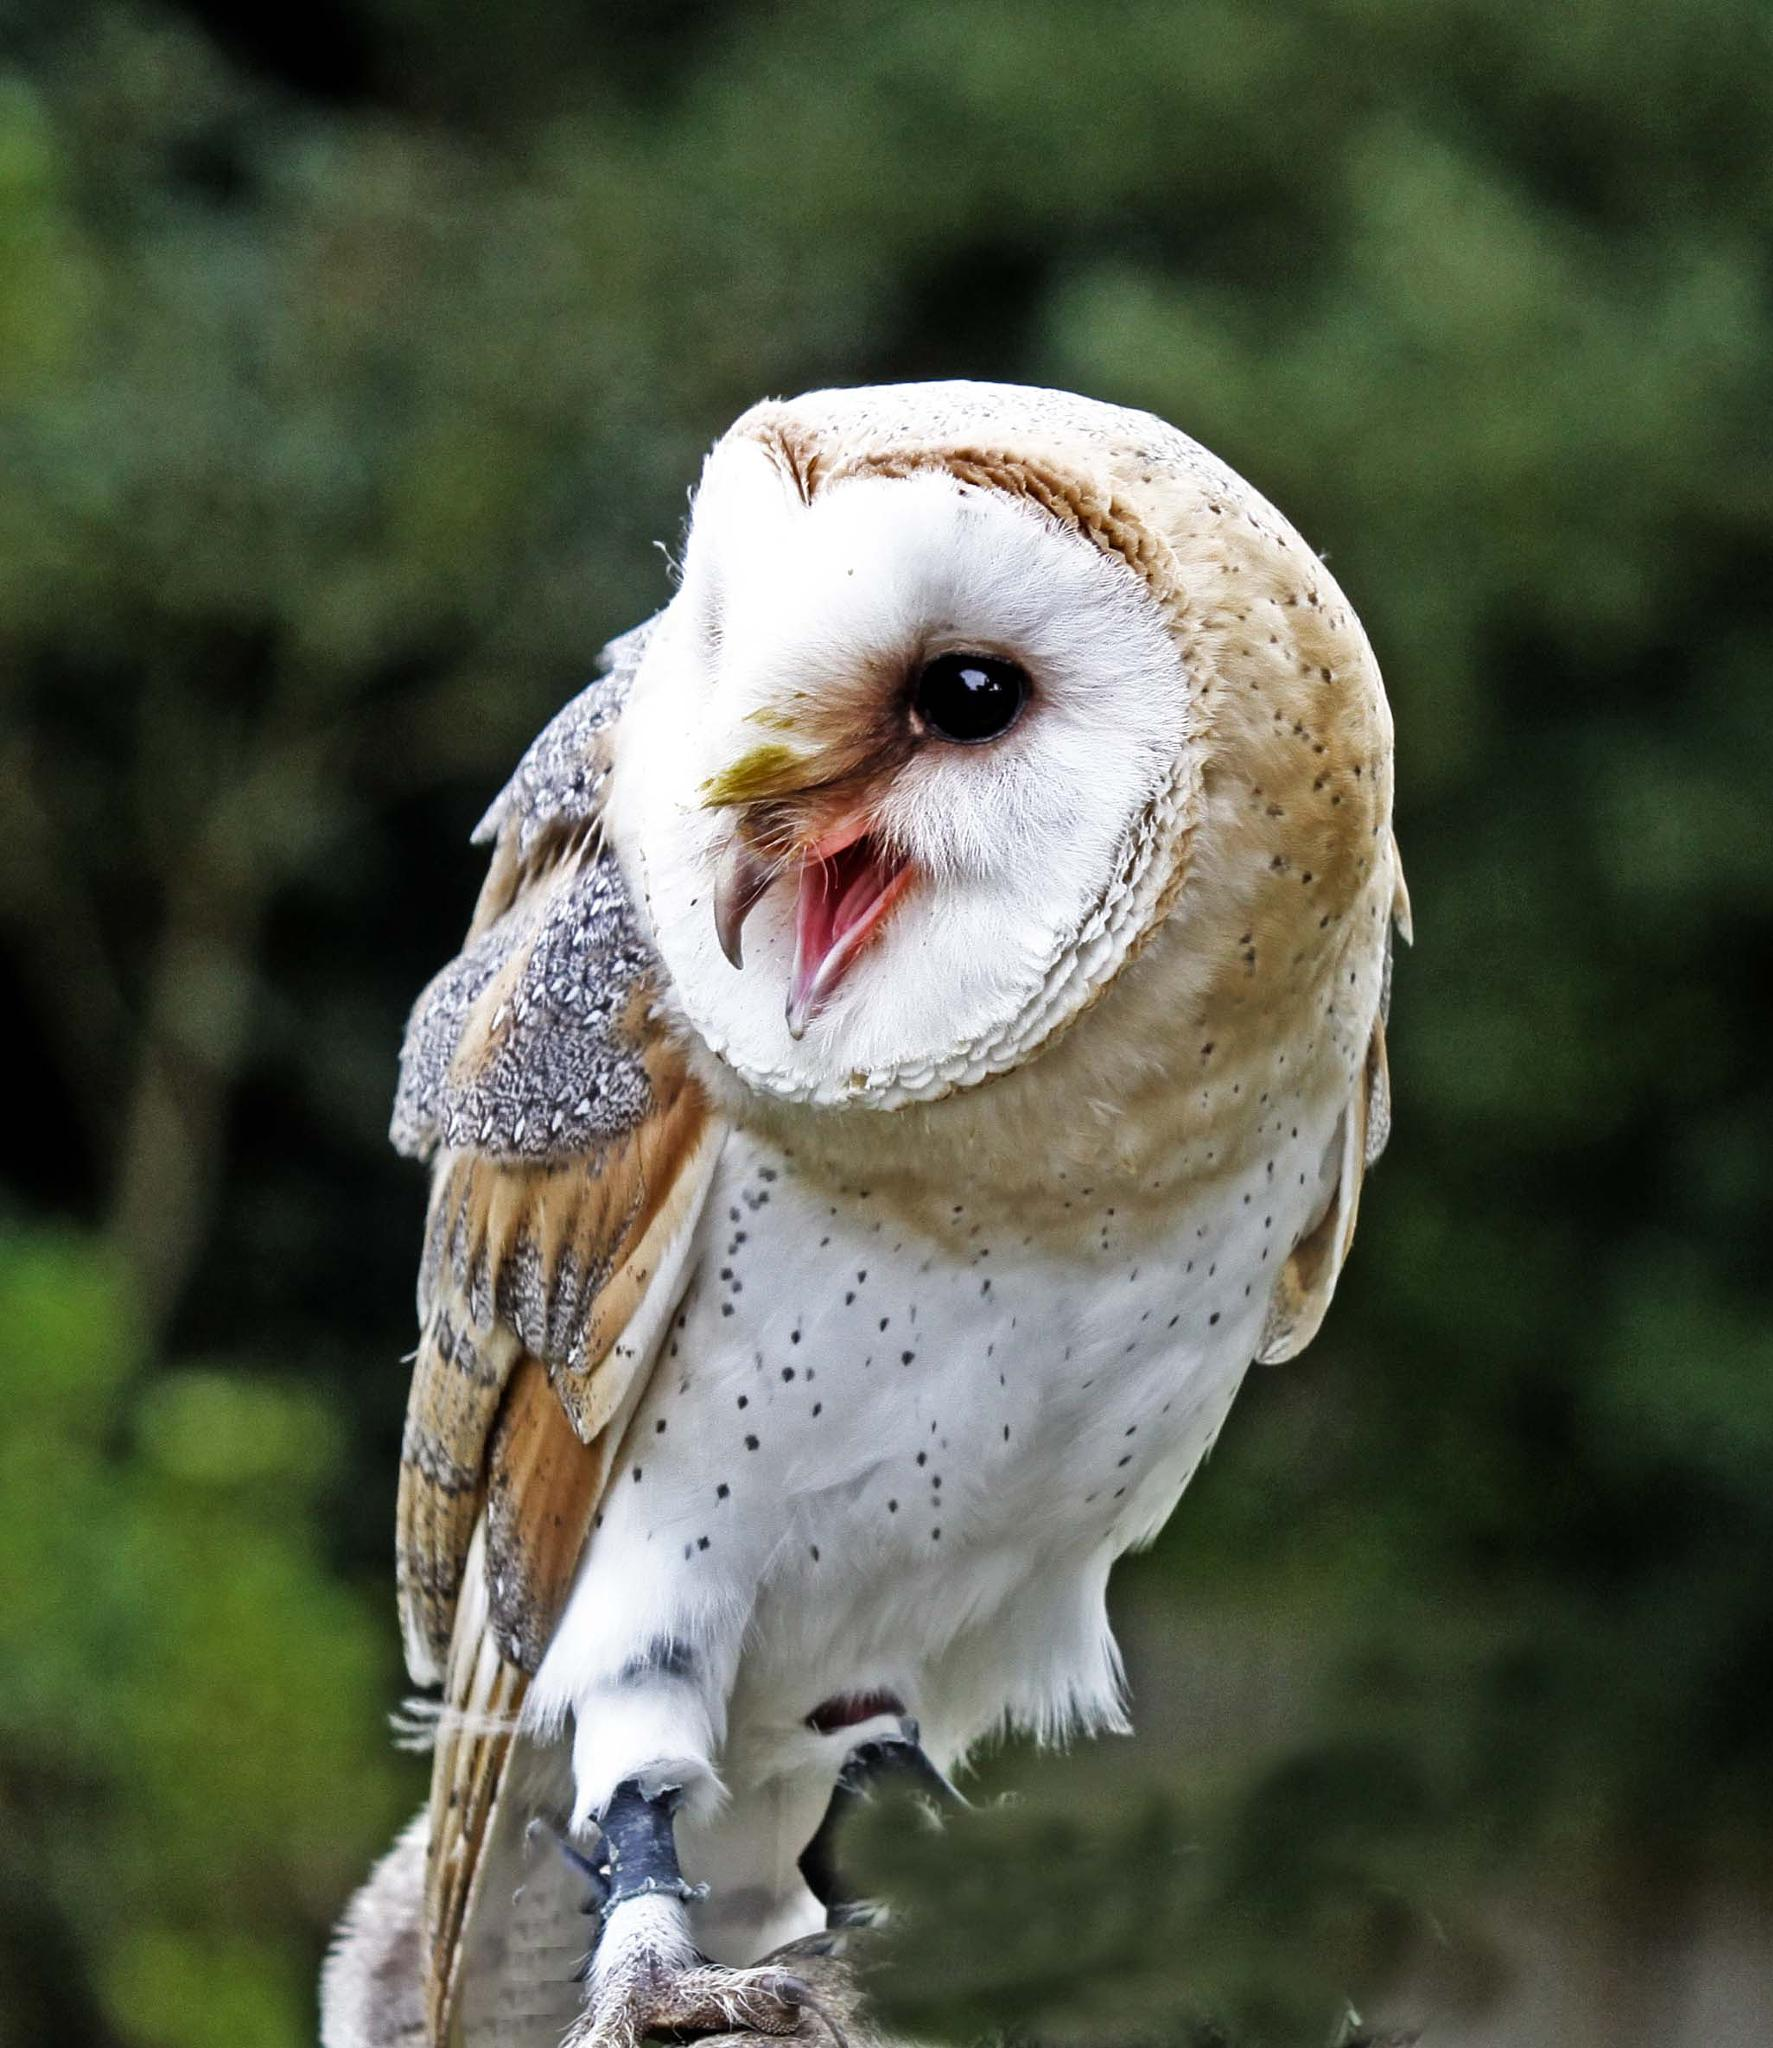 Barn owl 02 by mamstudio